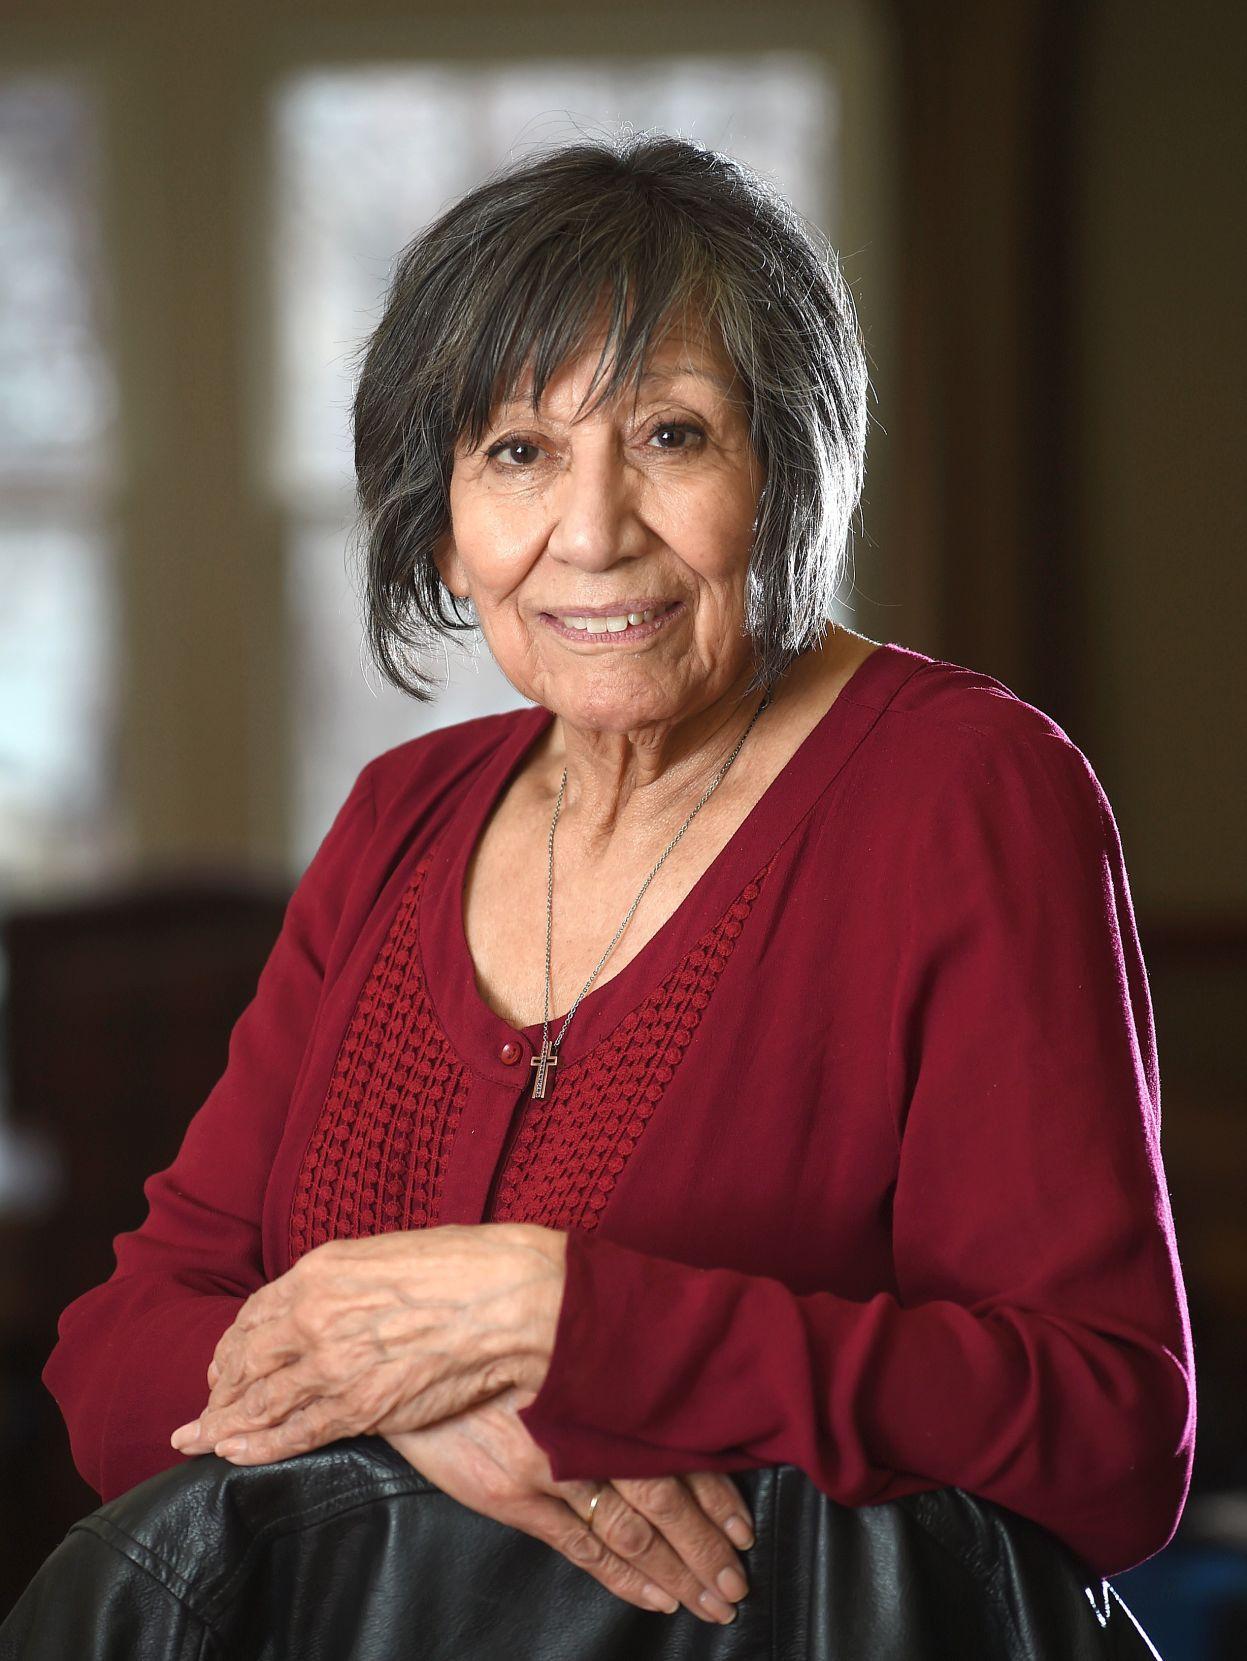 Maria Elena Beltran